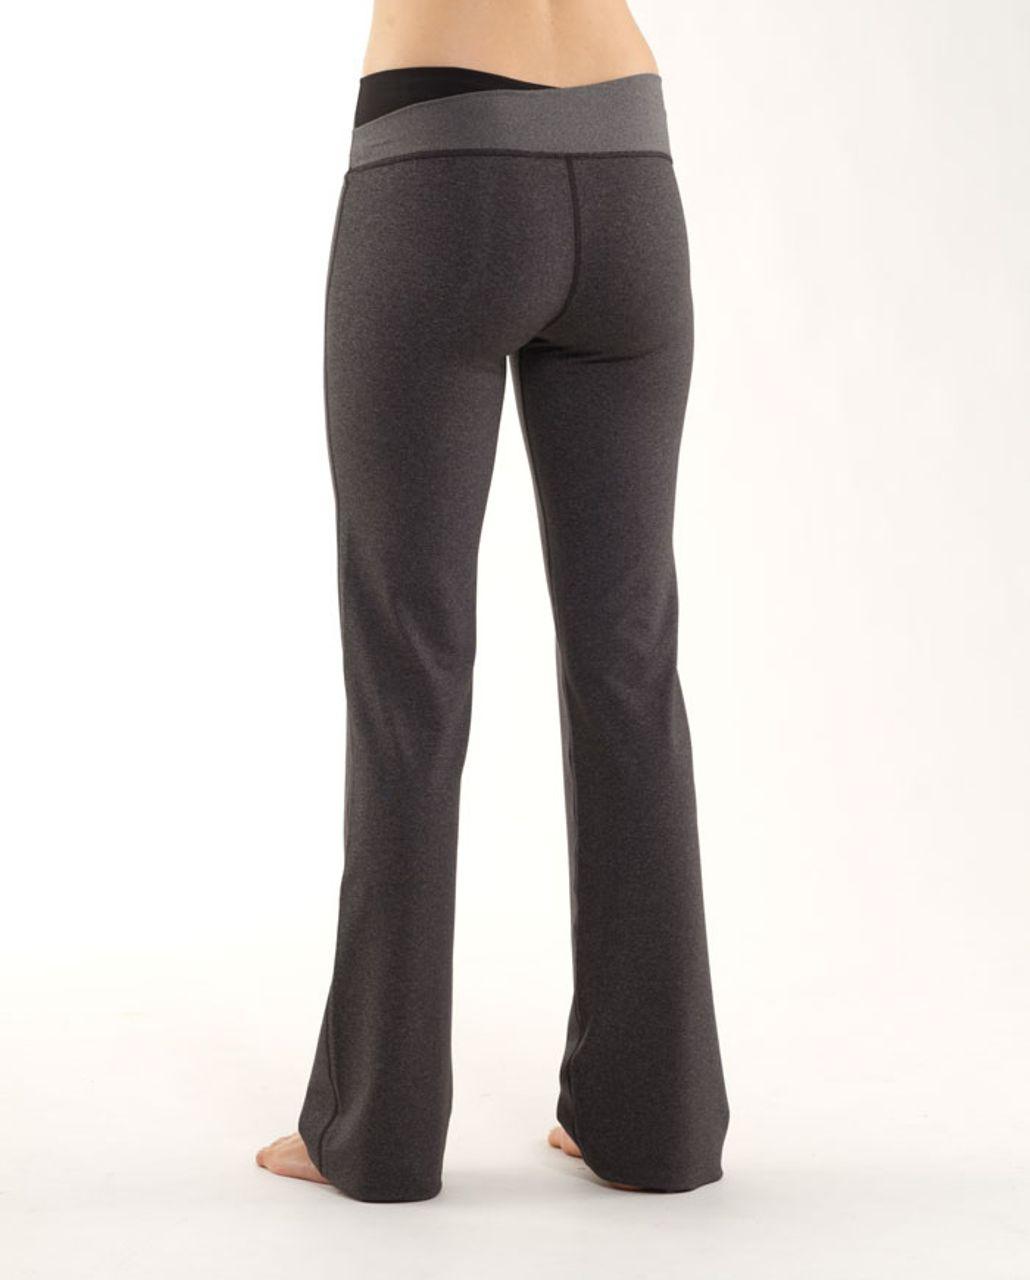 Lululemon Astro Pant (Tall) - Heathered Black /  Black